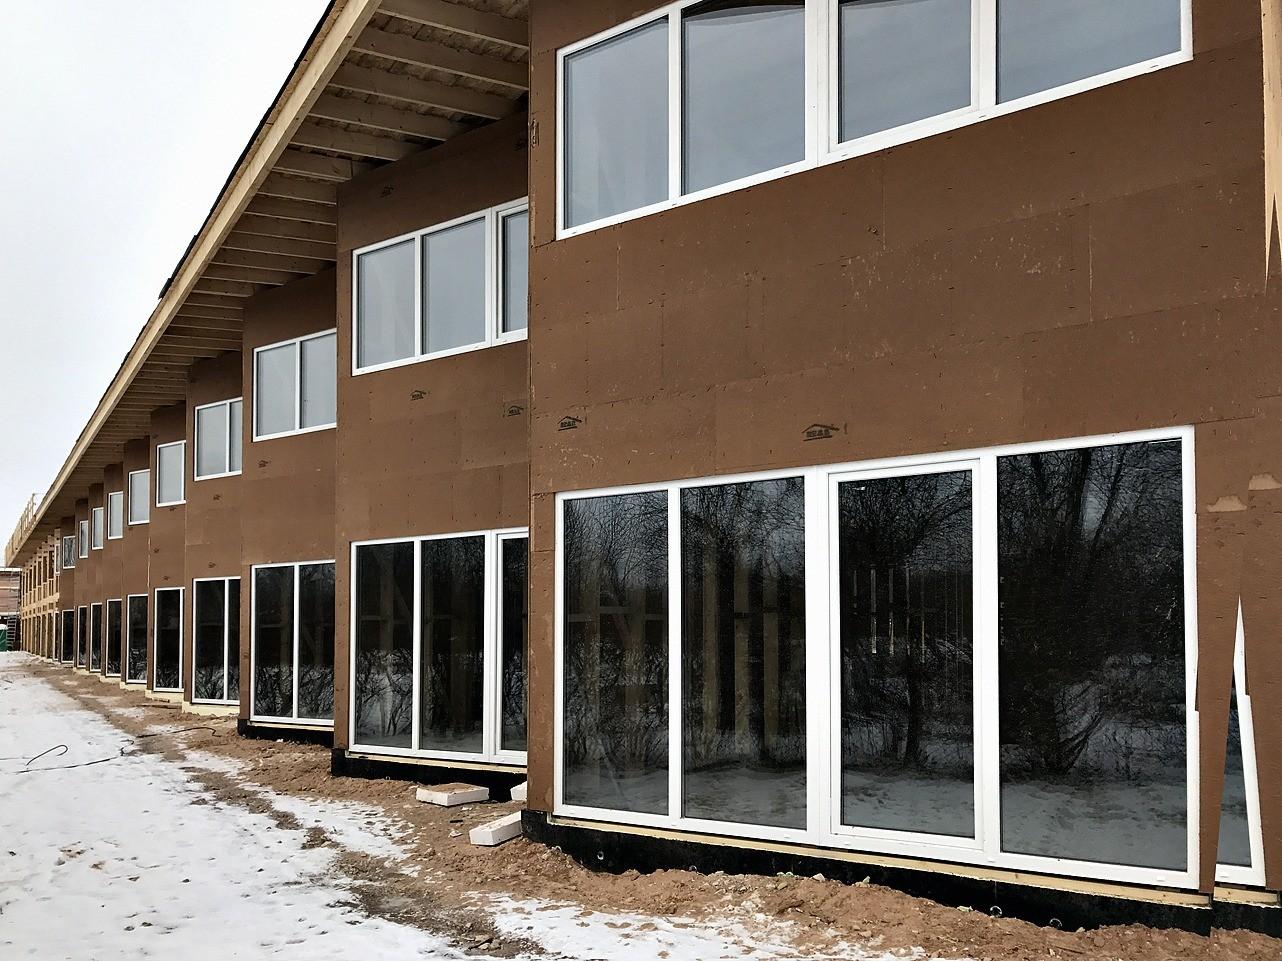 Обшивка блокхаусом или фасадной доской не обеспечивает эффективной ветровлагозащиты, поэтому под отделочным материалом должны располагаться специальный рулонныйматериал или плиты/панели...